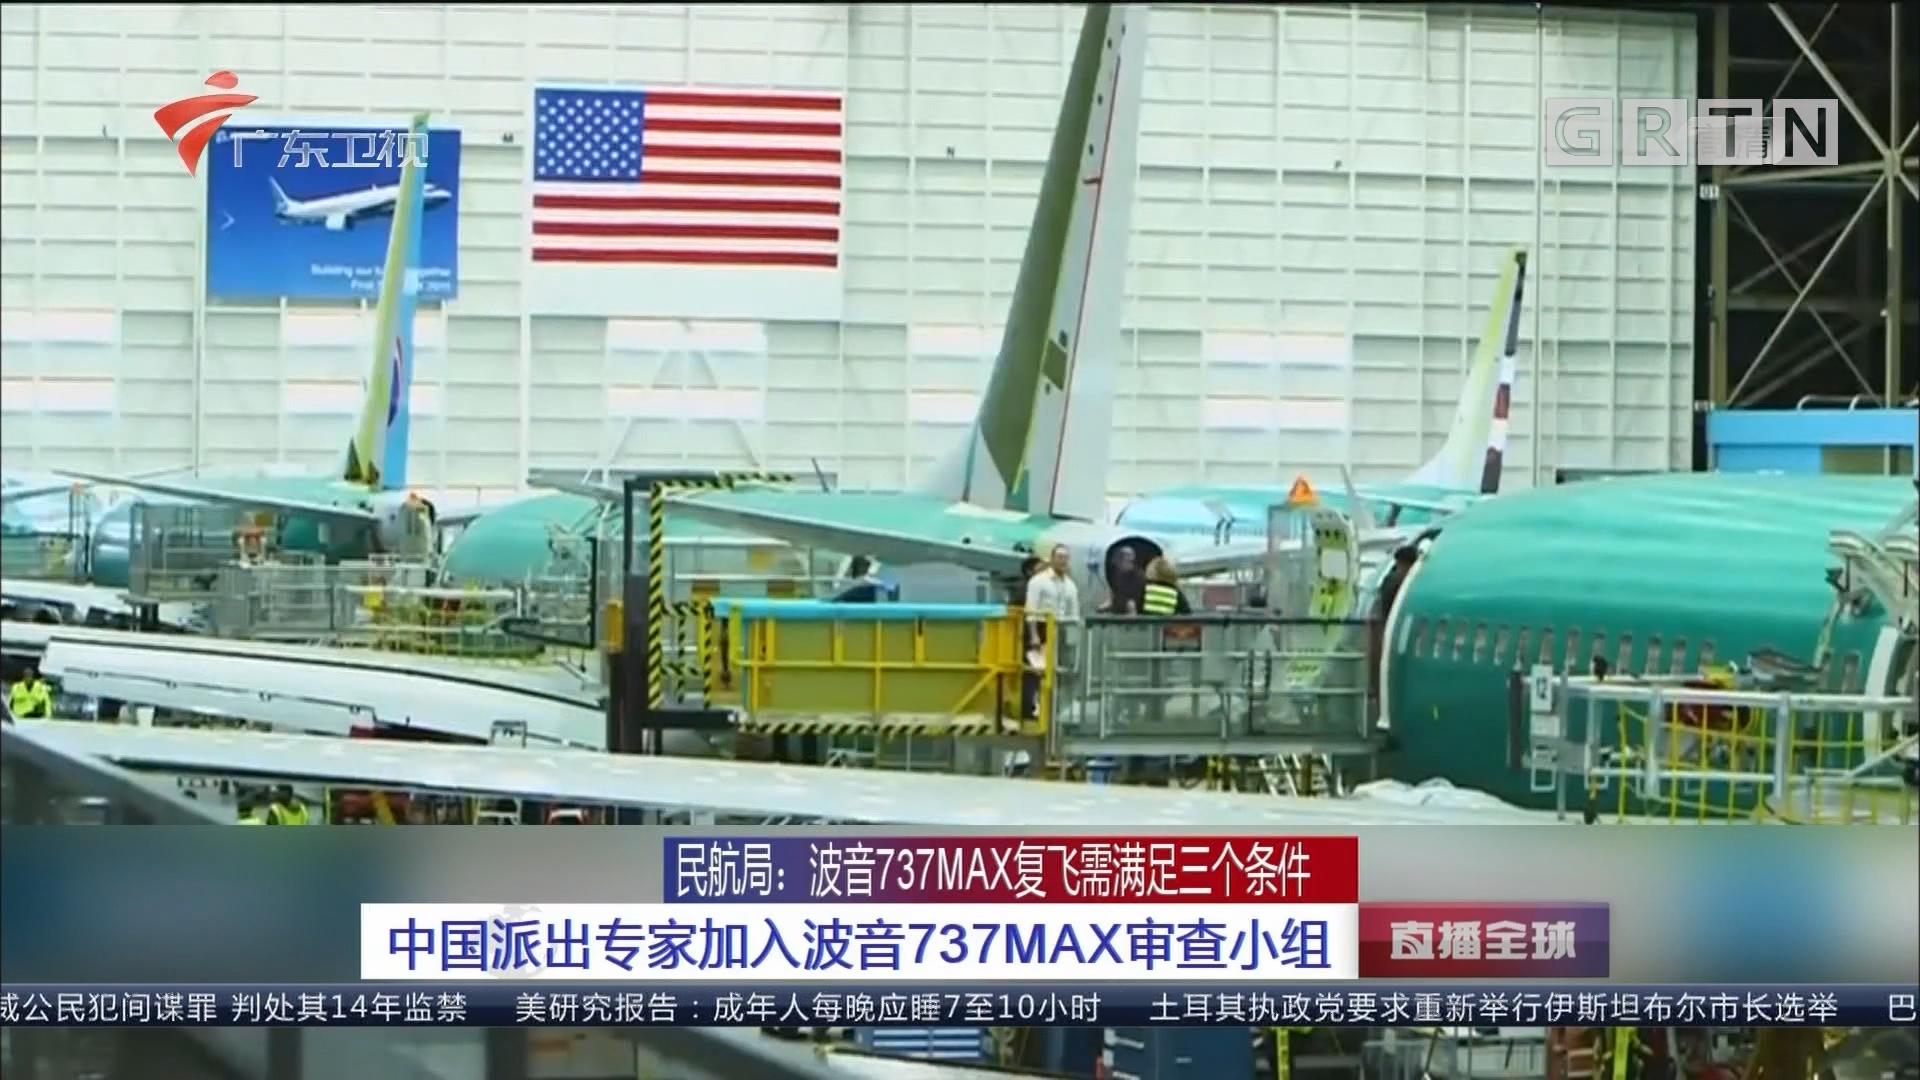 民航局:波音737MAX复飞需满足三个条件 中国派出专家加入波音737MAX审查小组